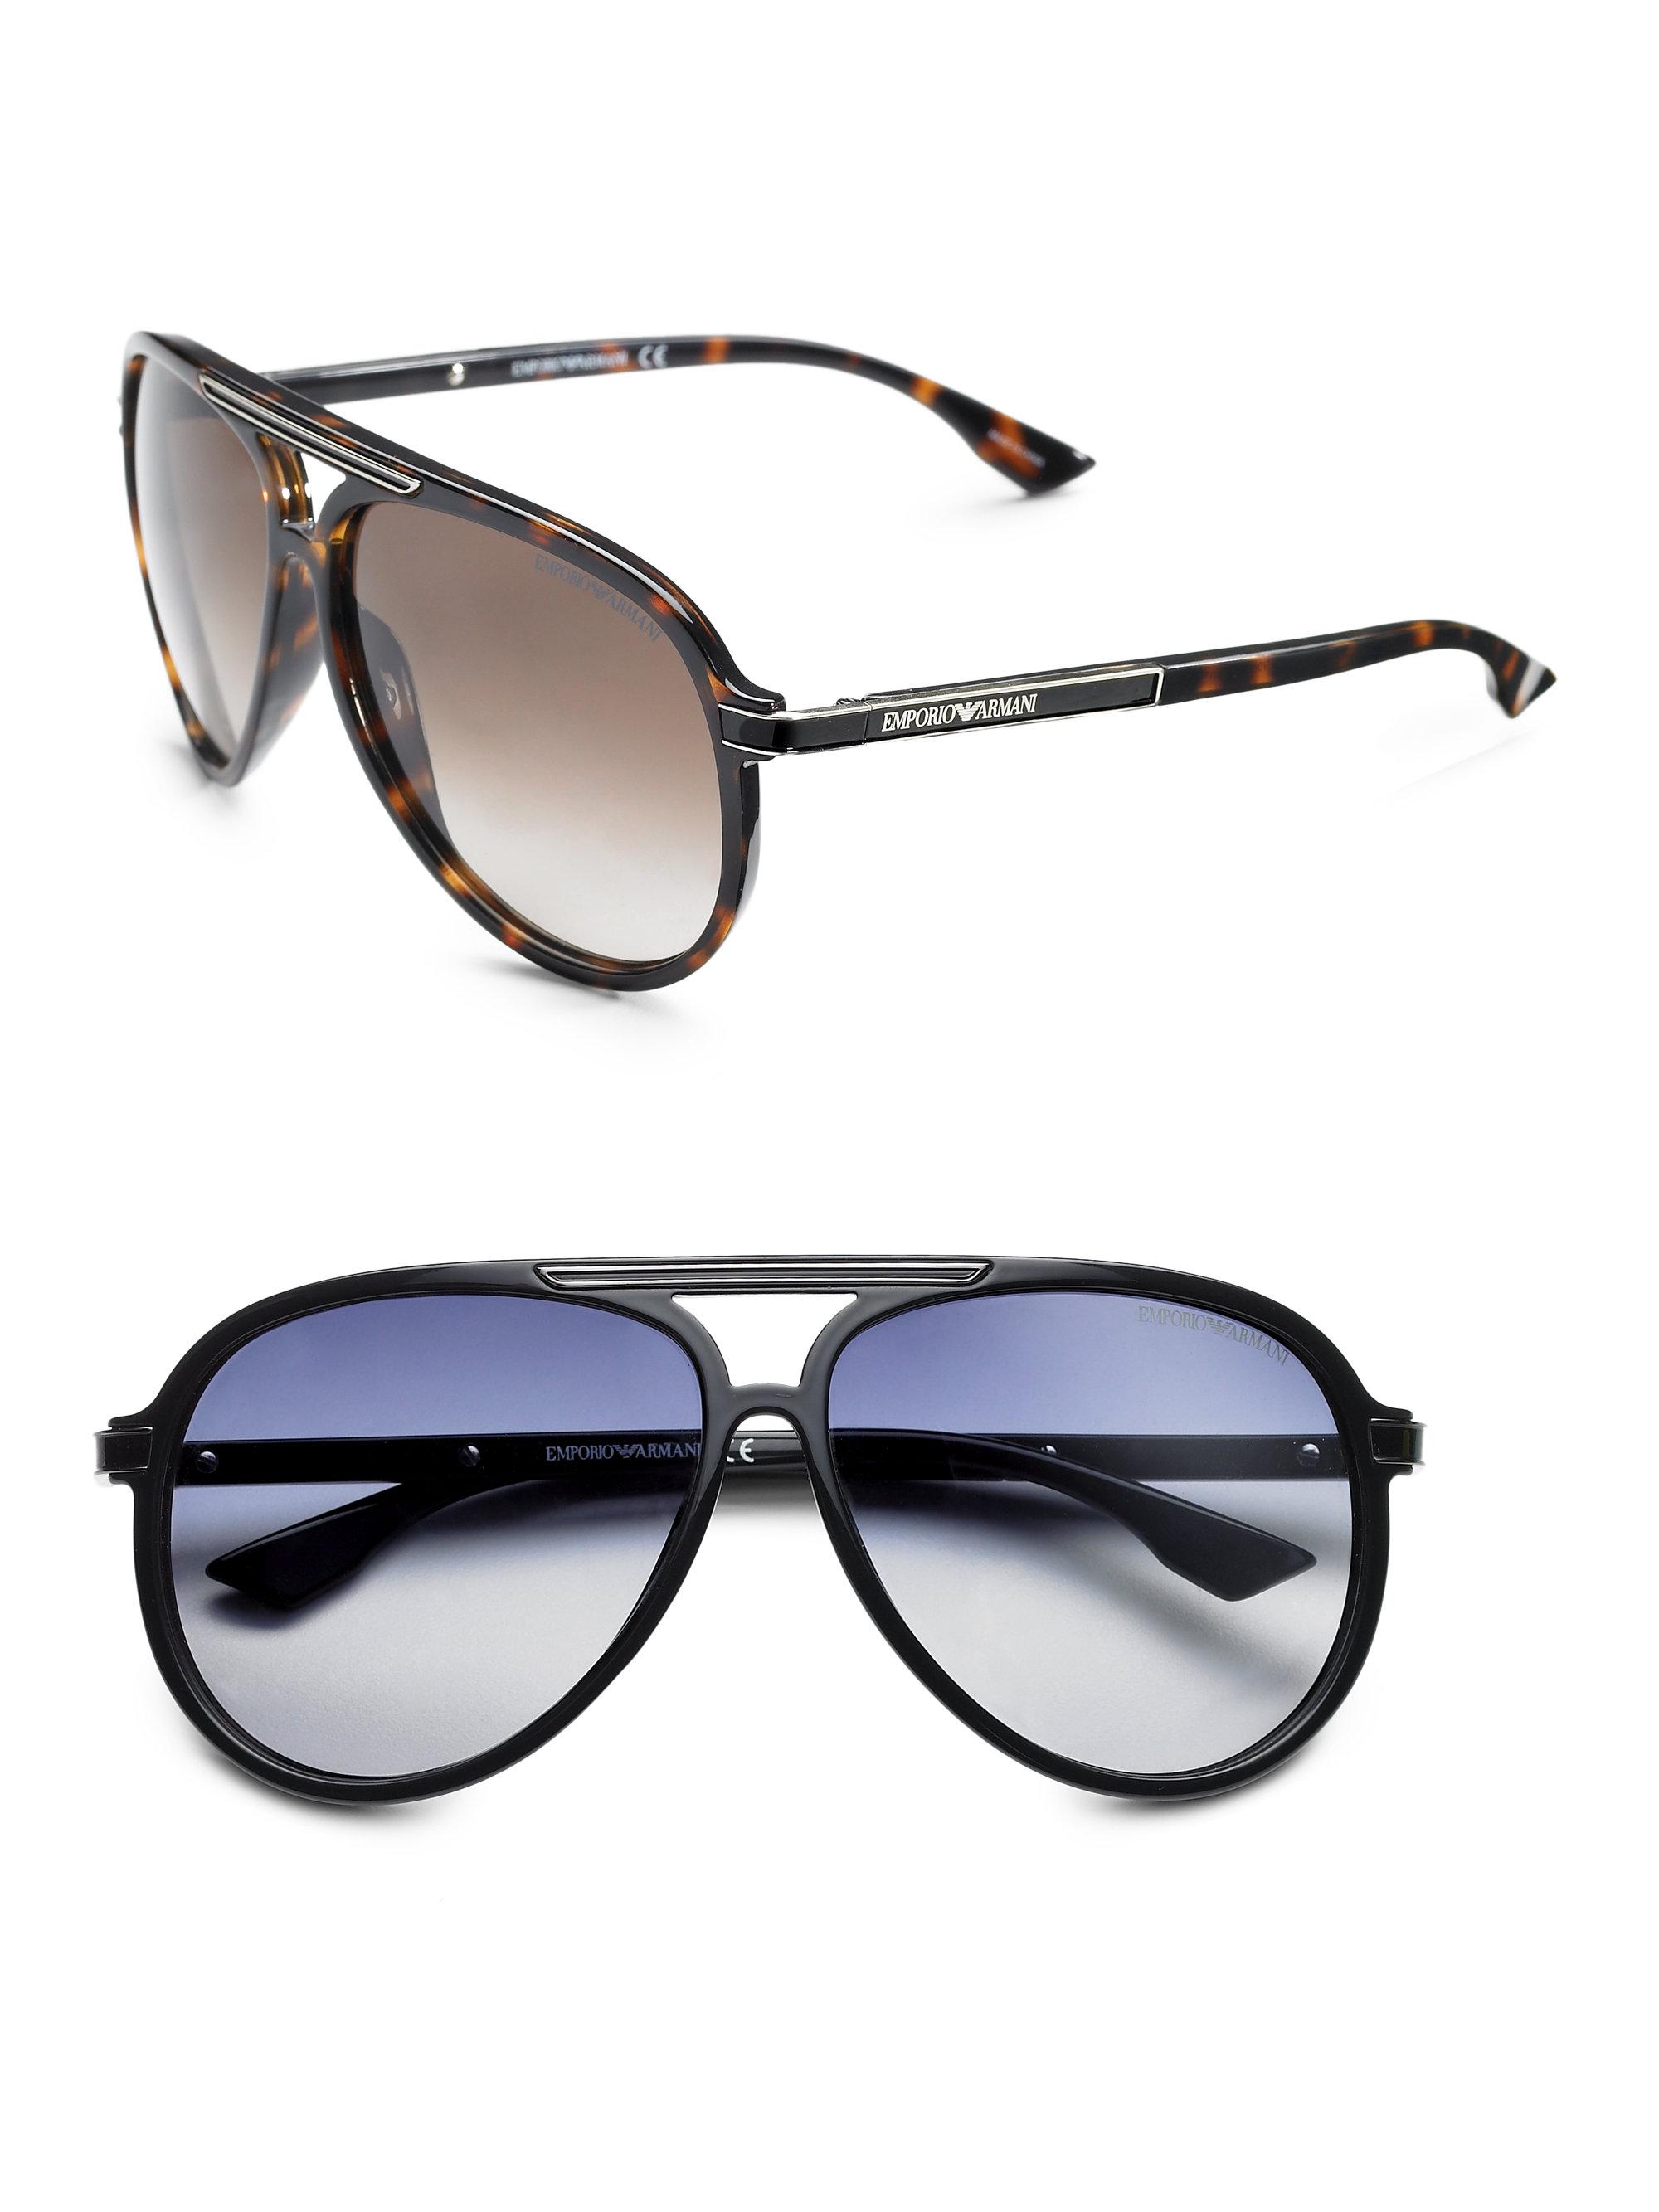 f43932c4ff0 Emporio Sunglasses Lyst Armani In Plastic For Men Aviator Black 4qx7Ow